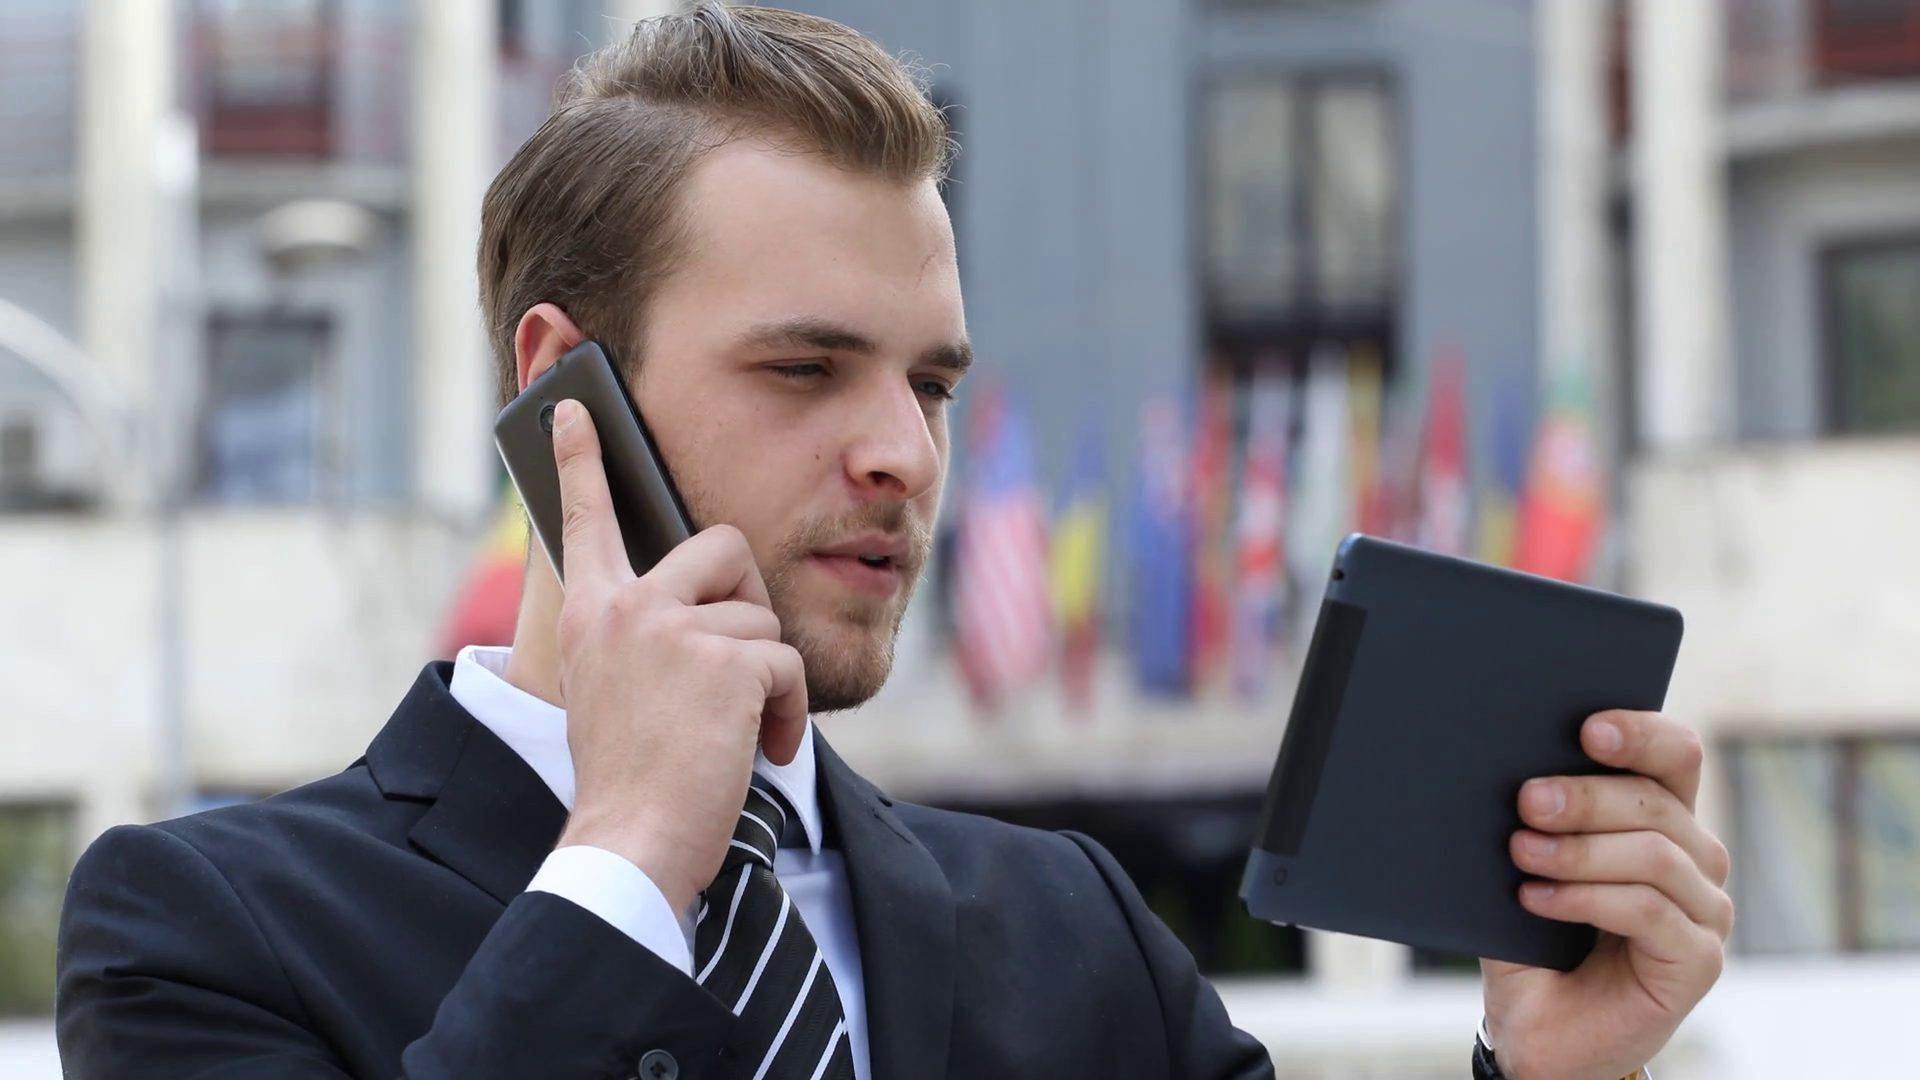 Apelurile telefonice și SMS-urile către alte ţări din UE vor fi mai ieftine